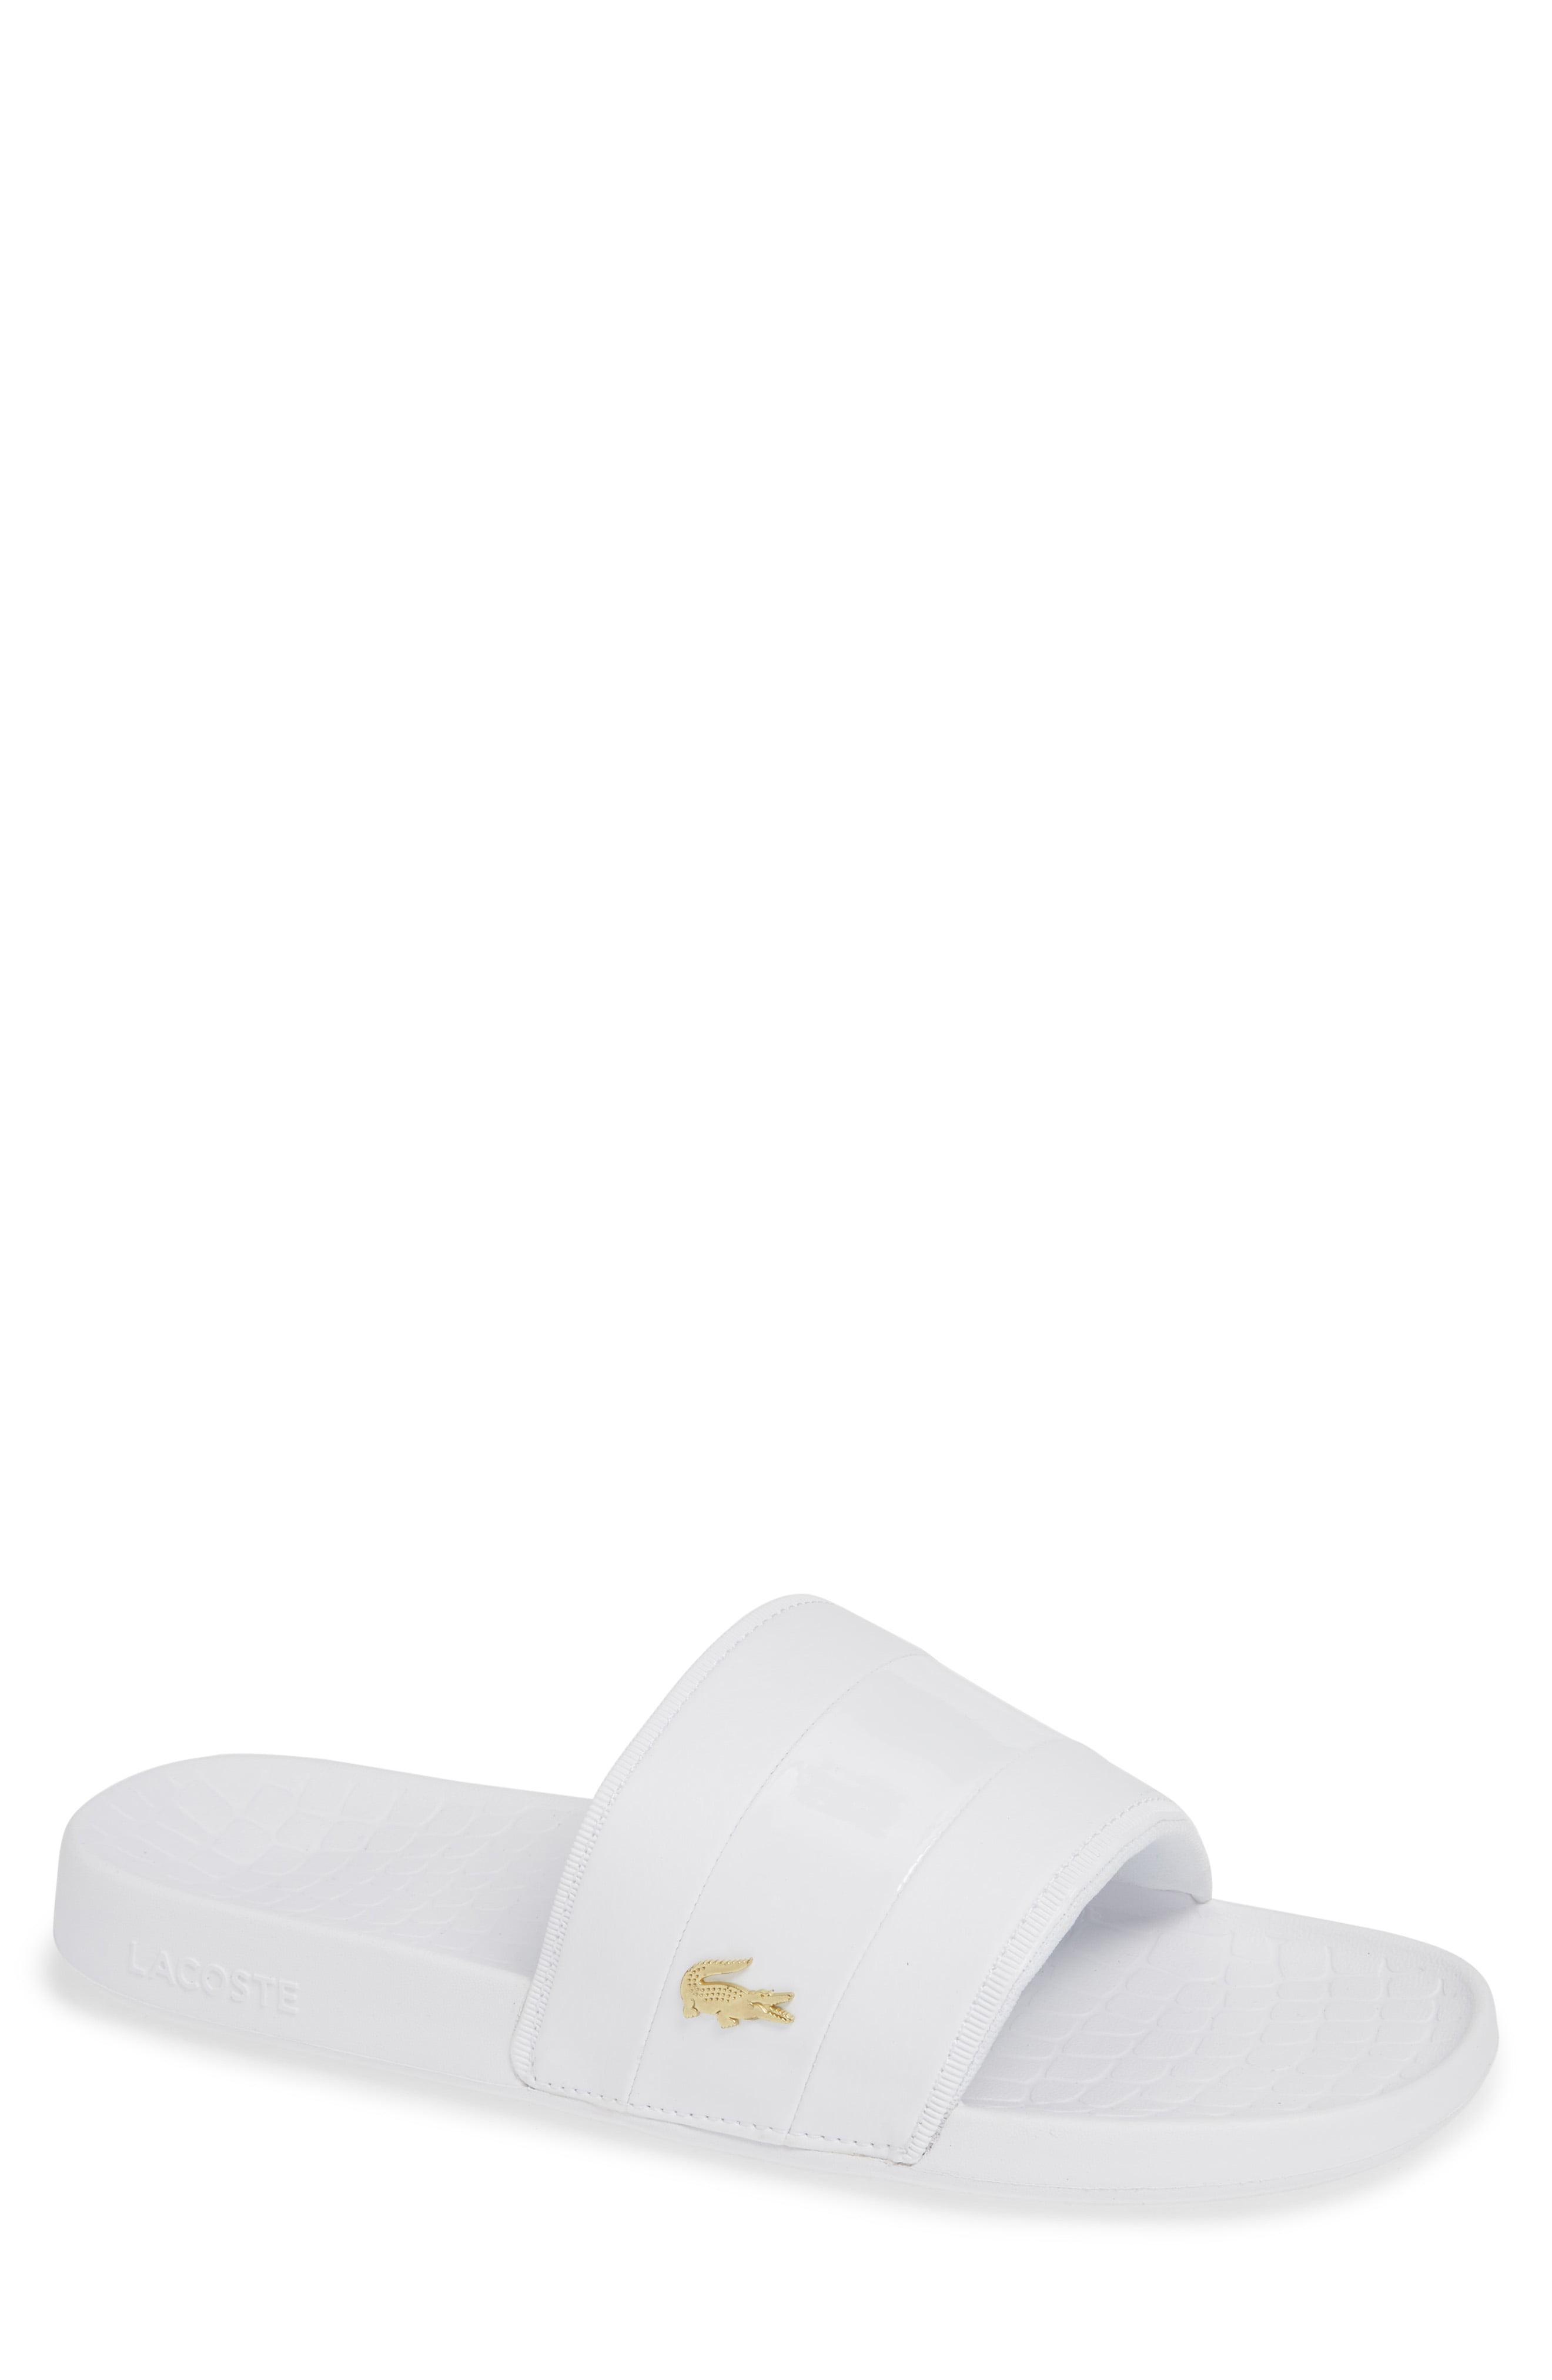 15974cd1c Lyst - Lacoste Fraisier 118 Slide Sandal in Black for Men - Save 33%